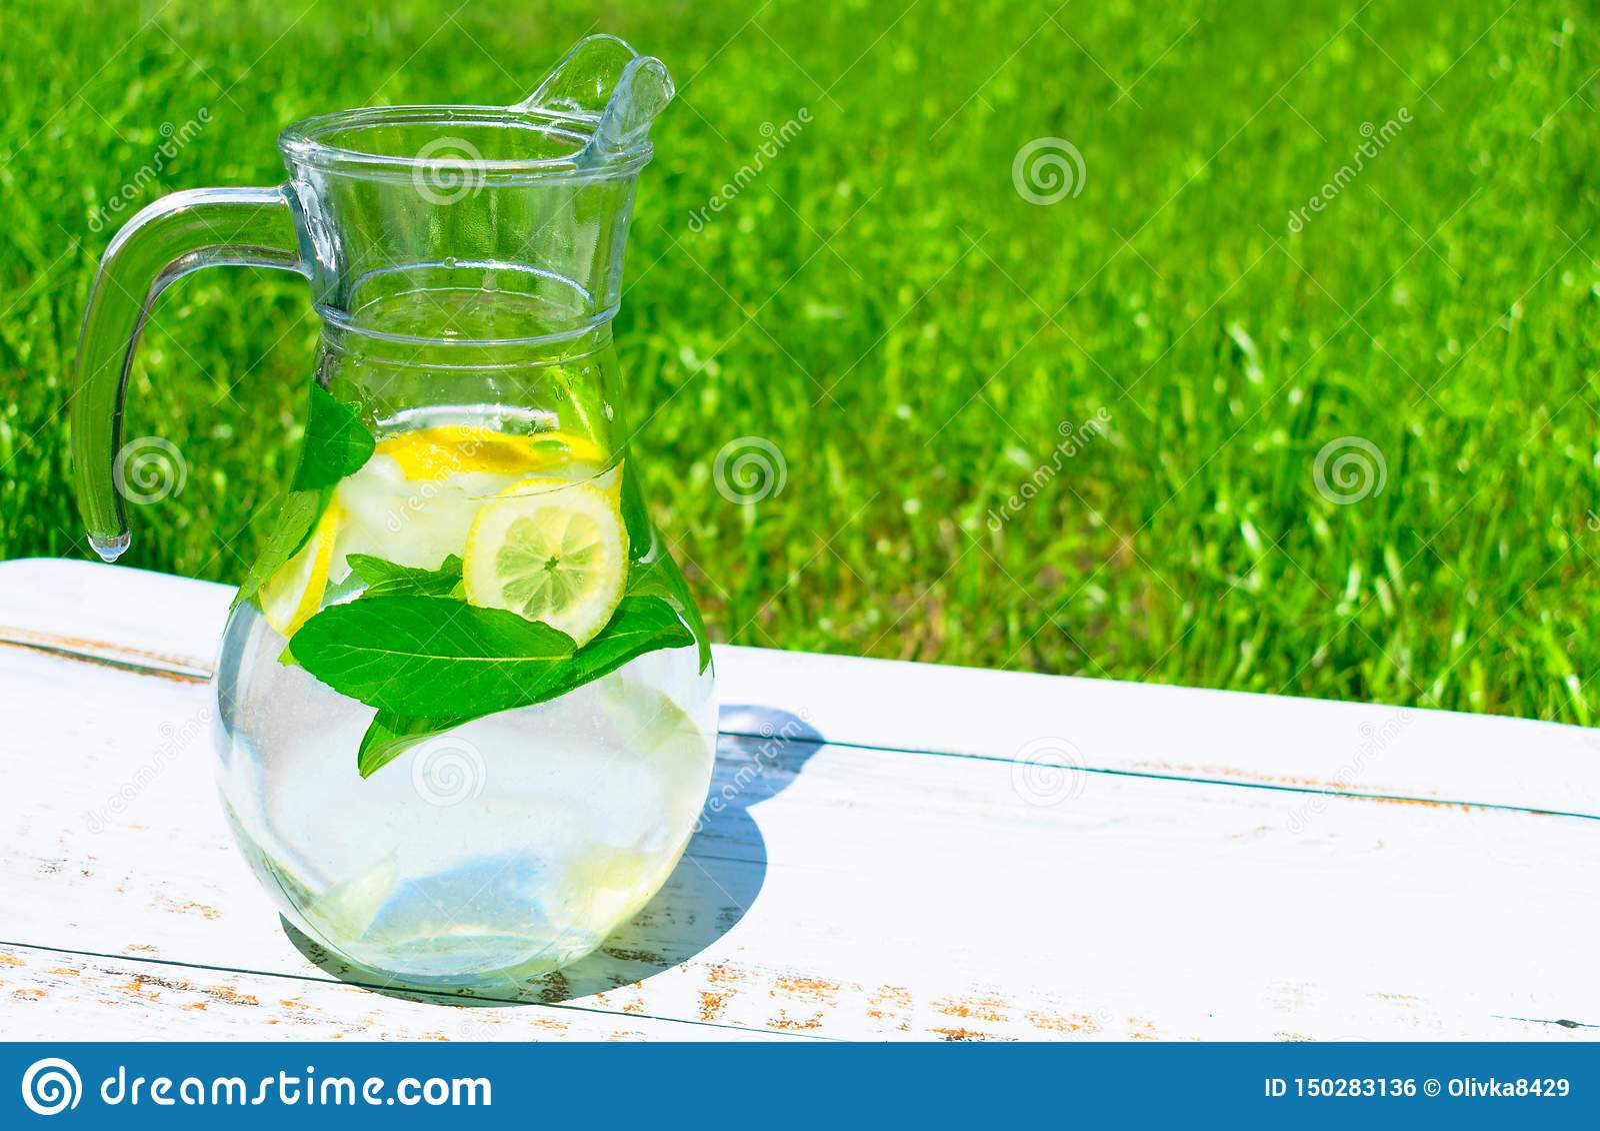 Jarro con limonada del limón y de las esteras con hielo en un fondo de la hierba verde el concepto de refrescos Primer